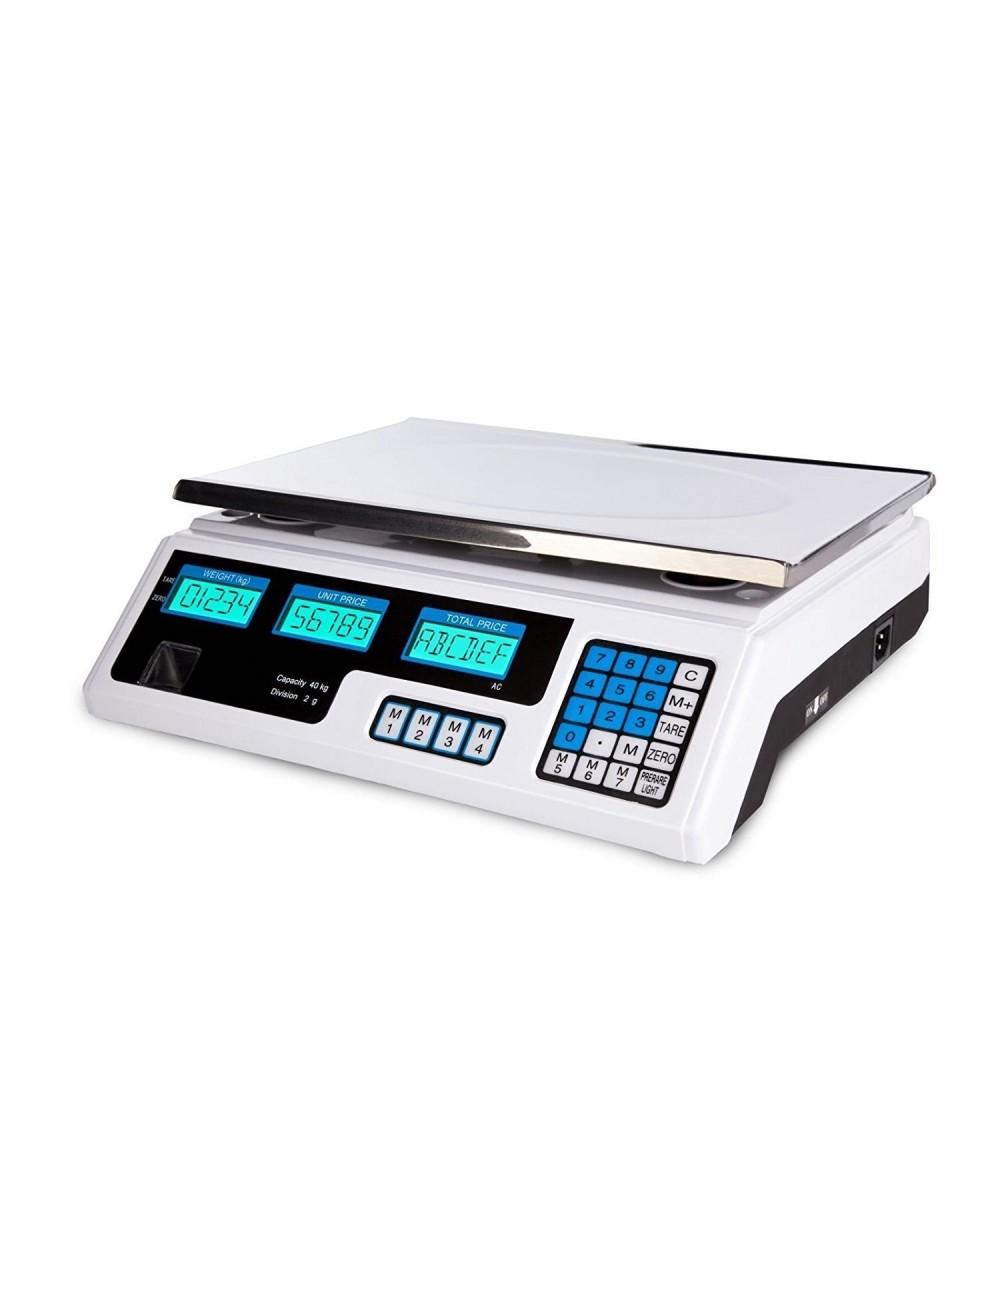 Bilancia Elettronica Digitale Professionale Da 5 Gr A 40 Kg Divisione 2 Gr